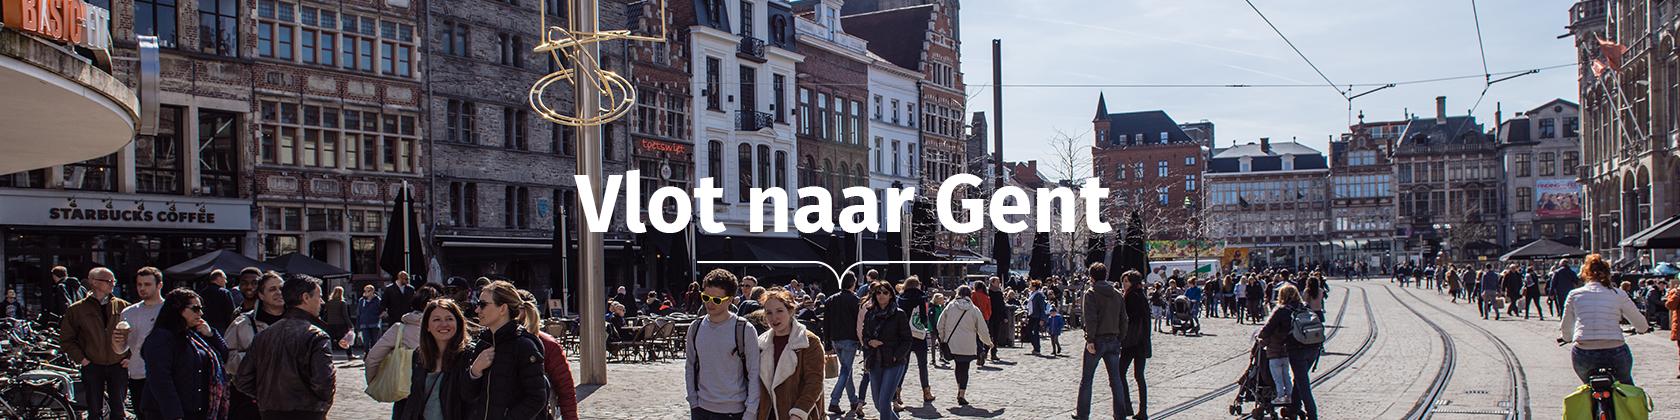 Vlot naar Gent - Korenmarkt